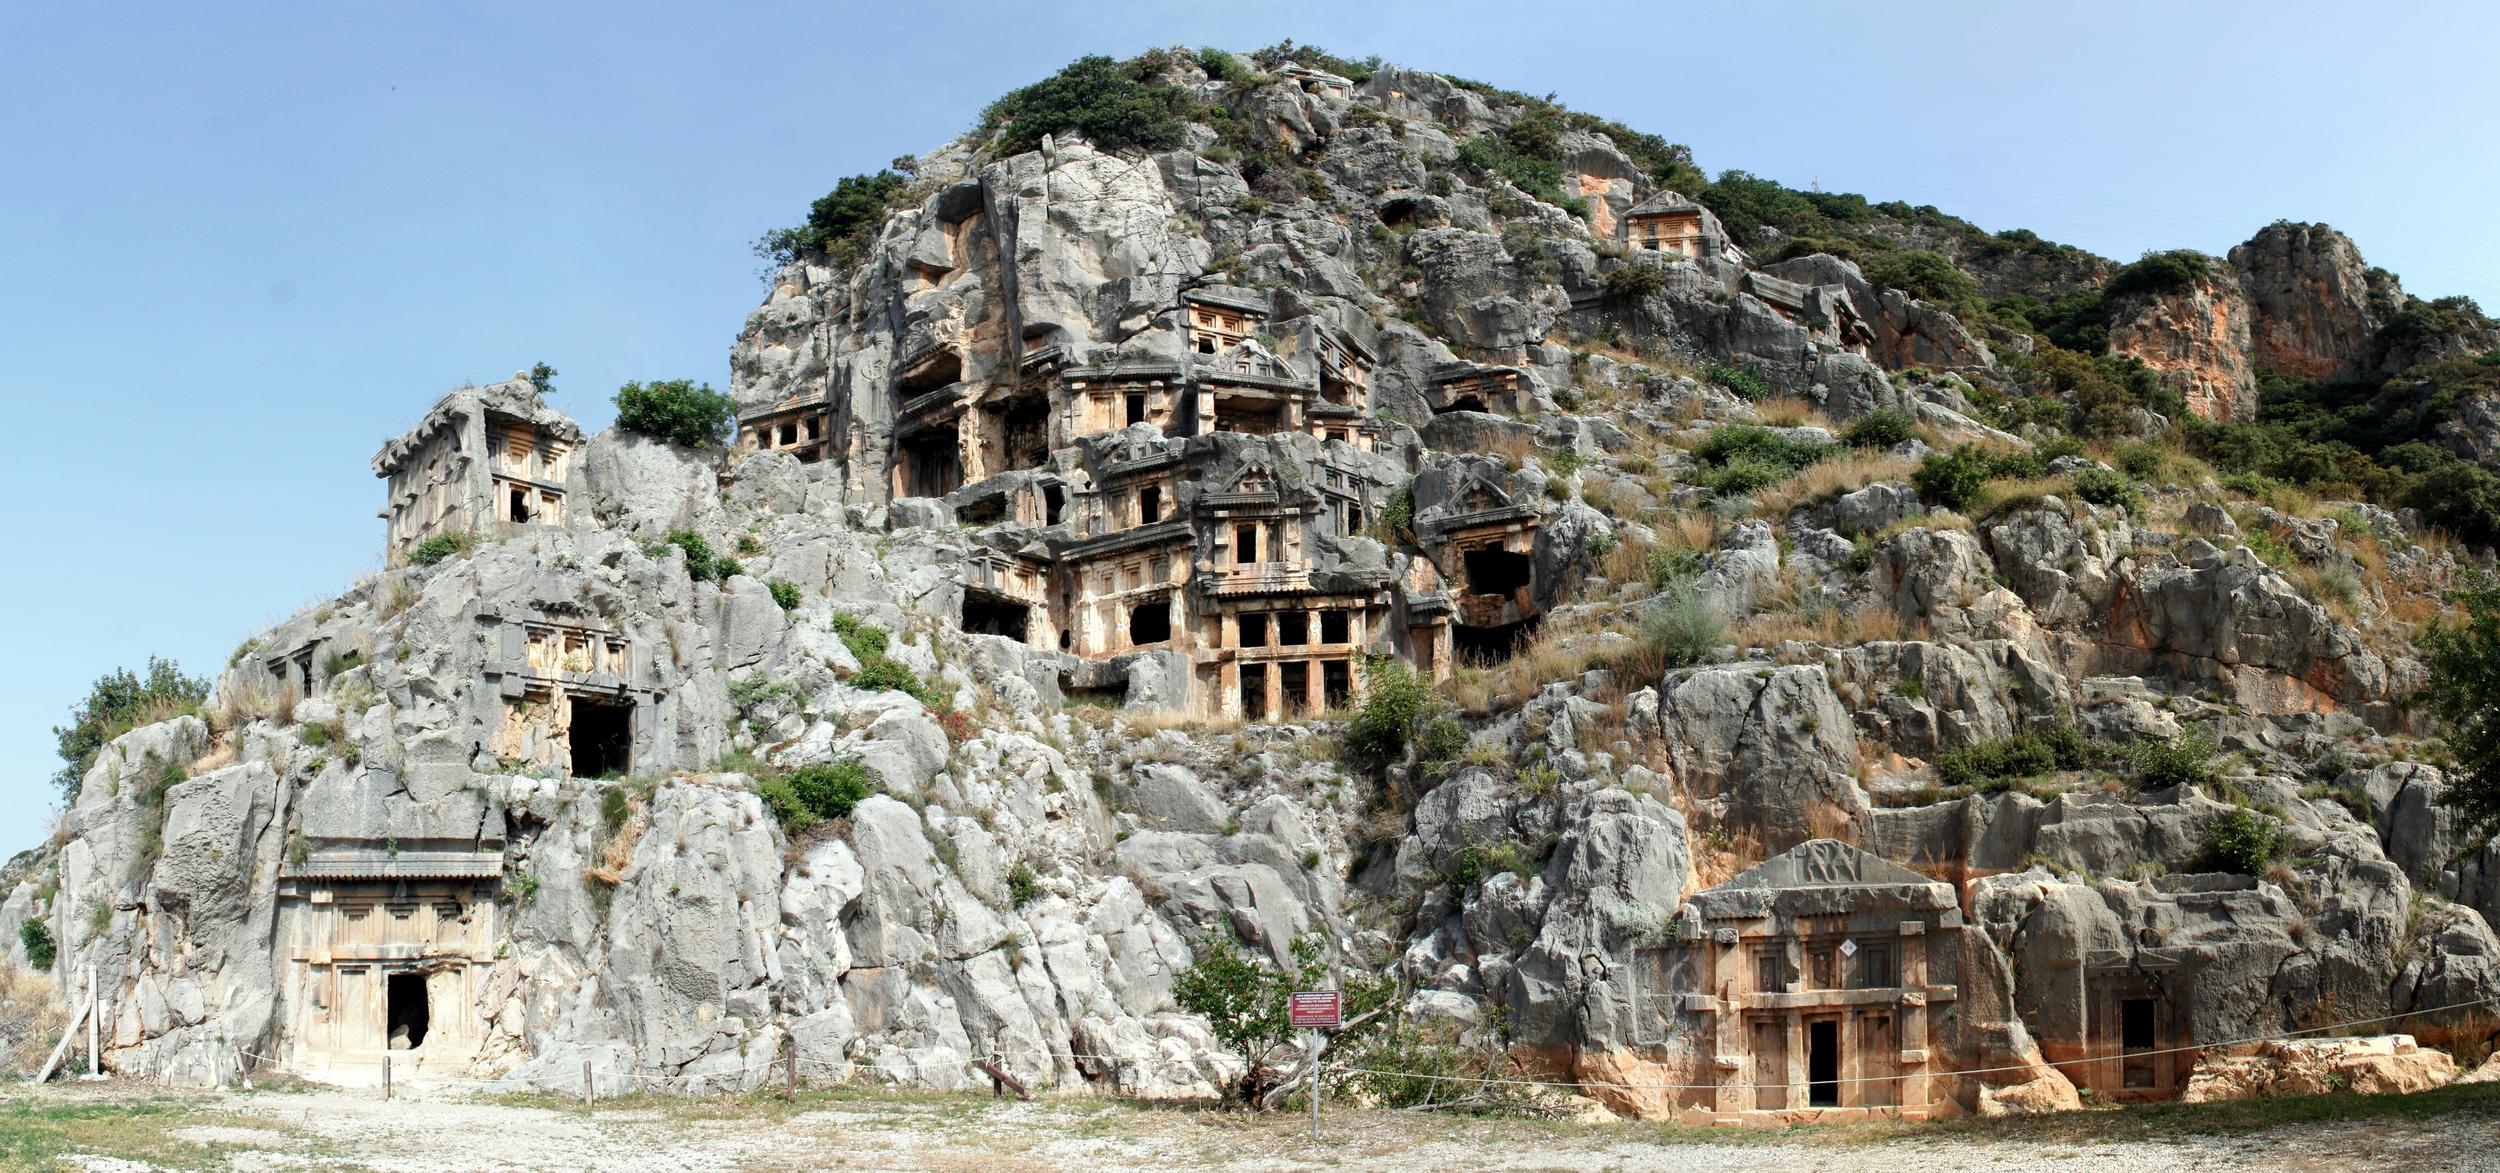 Rock-cut tombs in Myra.